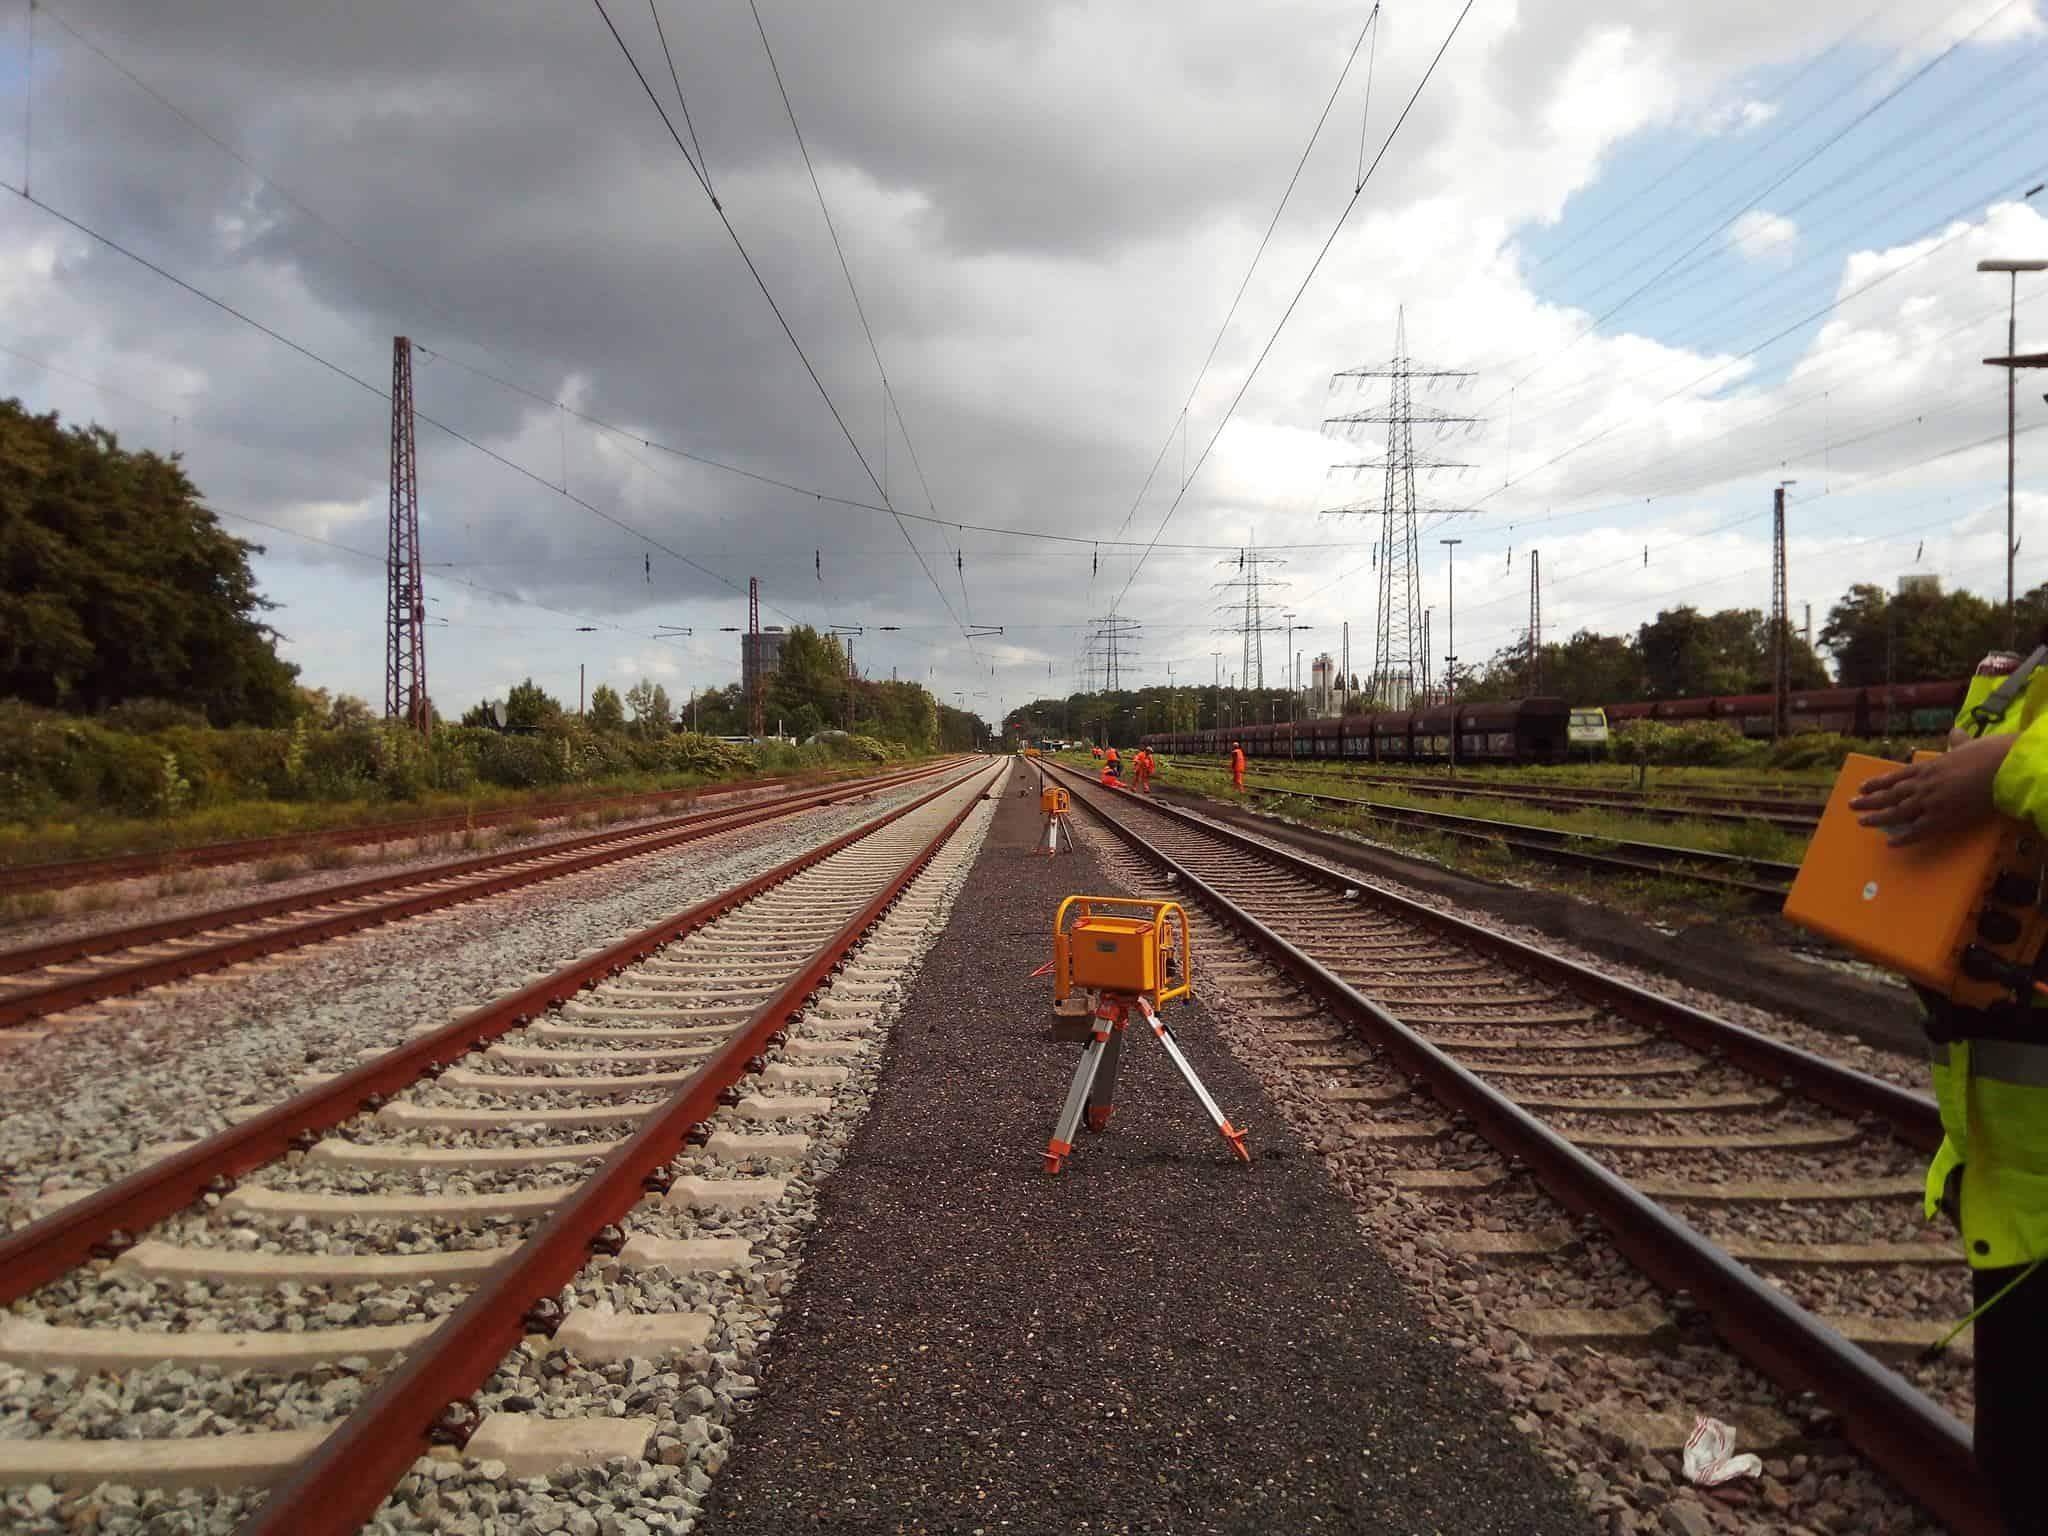 Gleisbausicherung | ATWS Automatisches Warnsystem